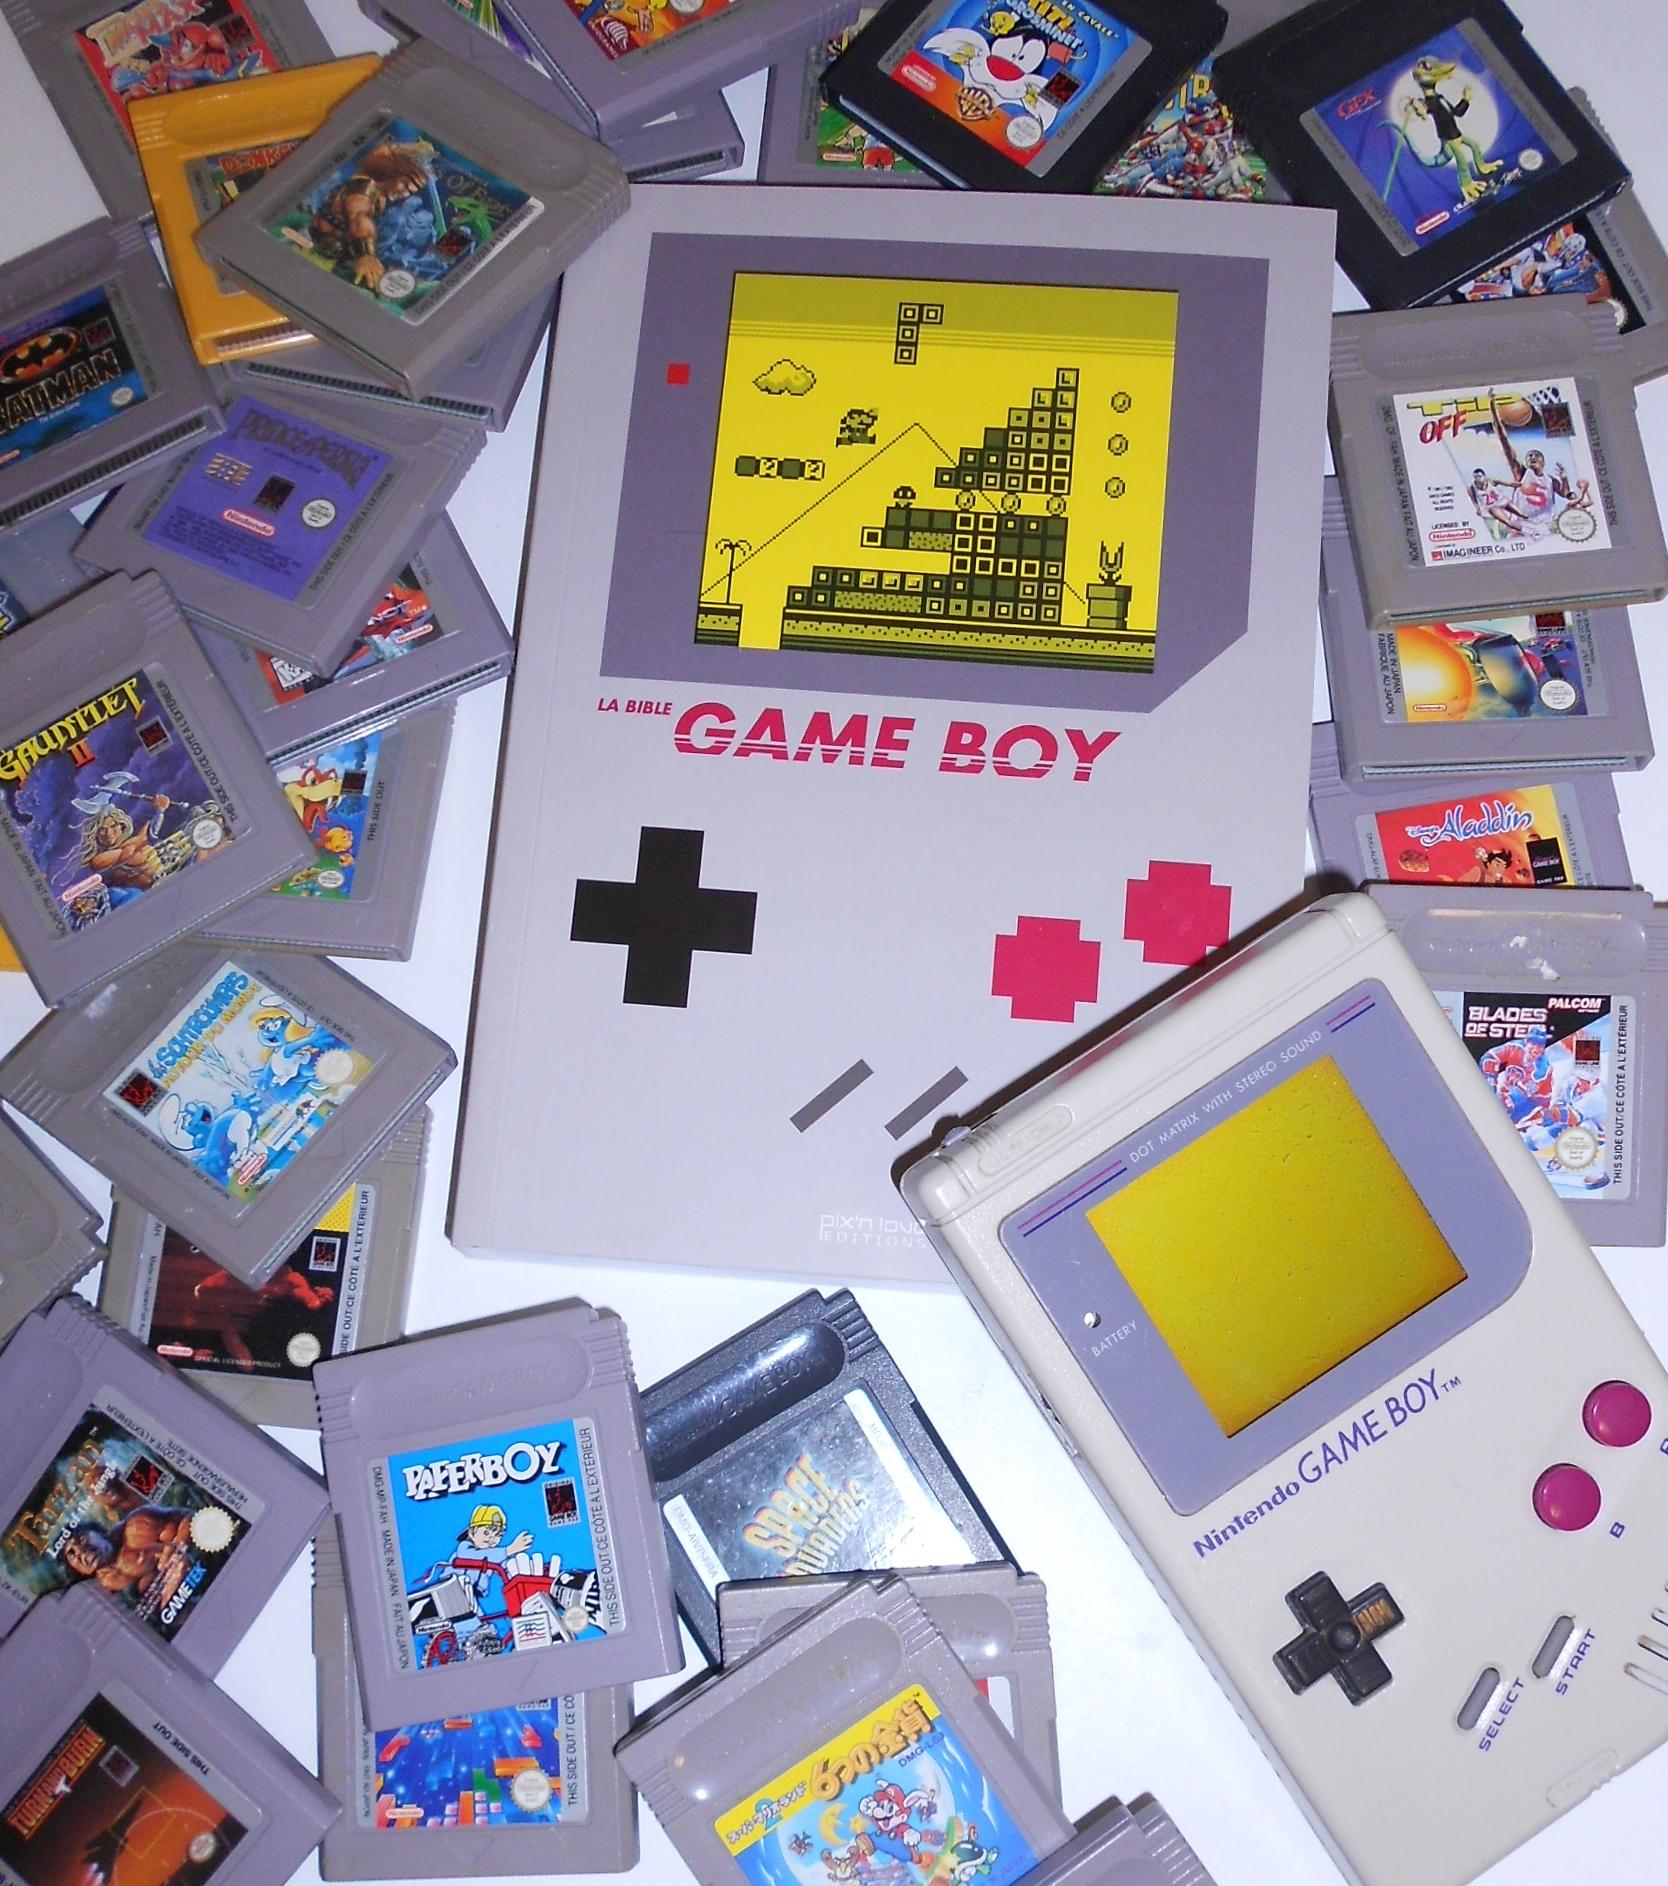 Pix'n love La bible Game Boy